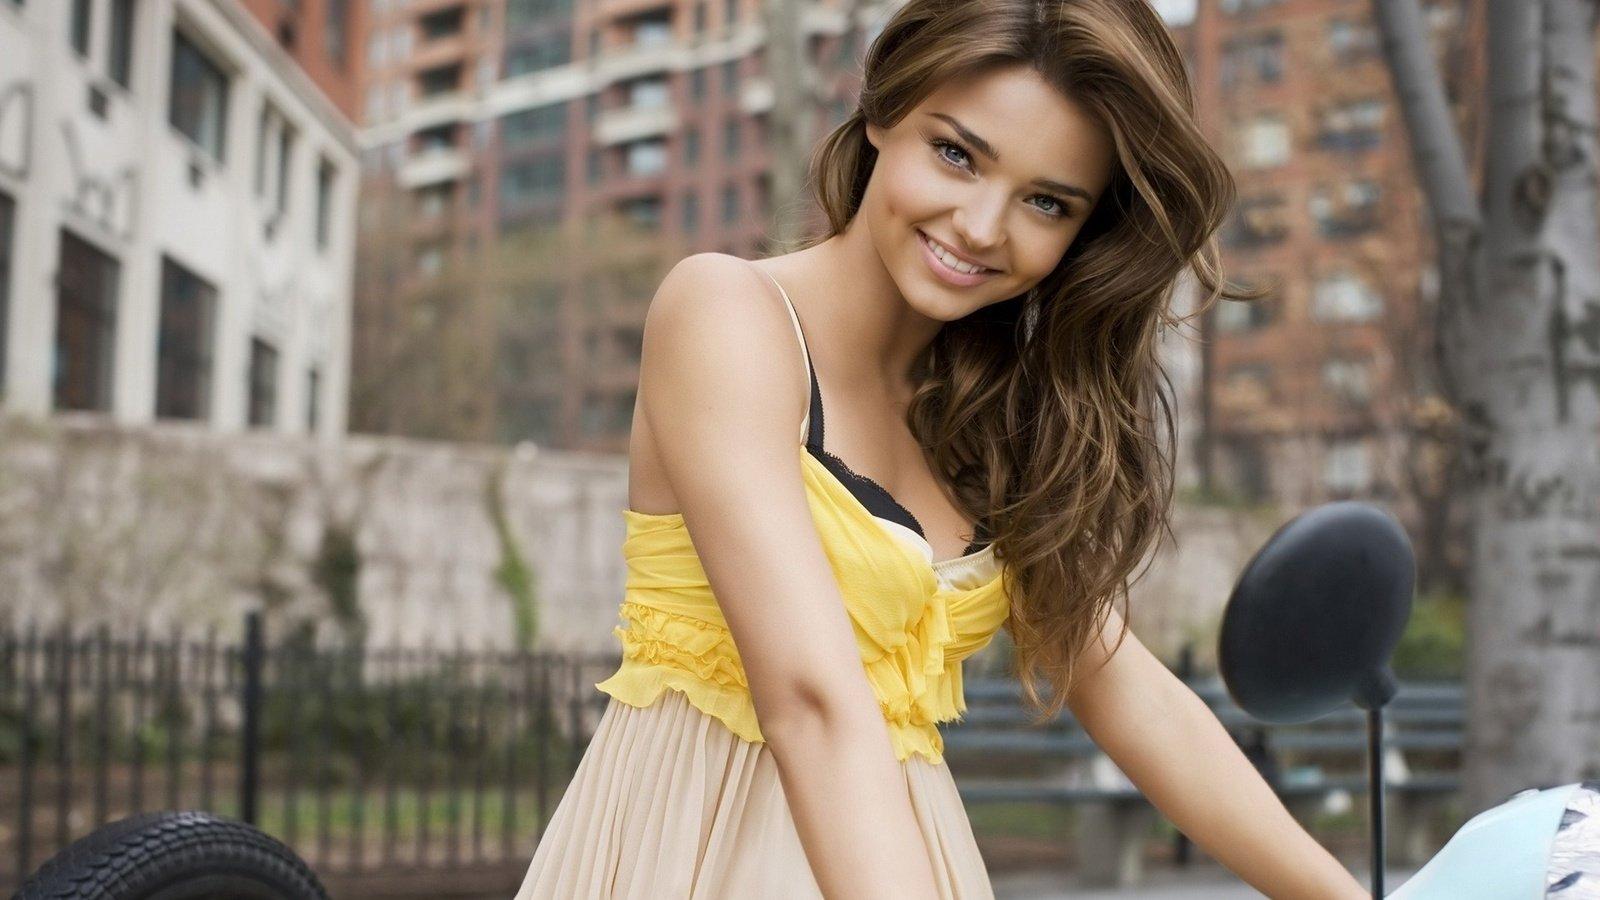 Красивая девушка с ямочками на щеках фото